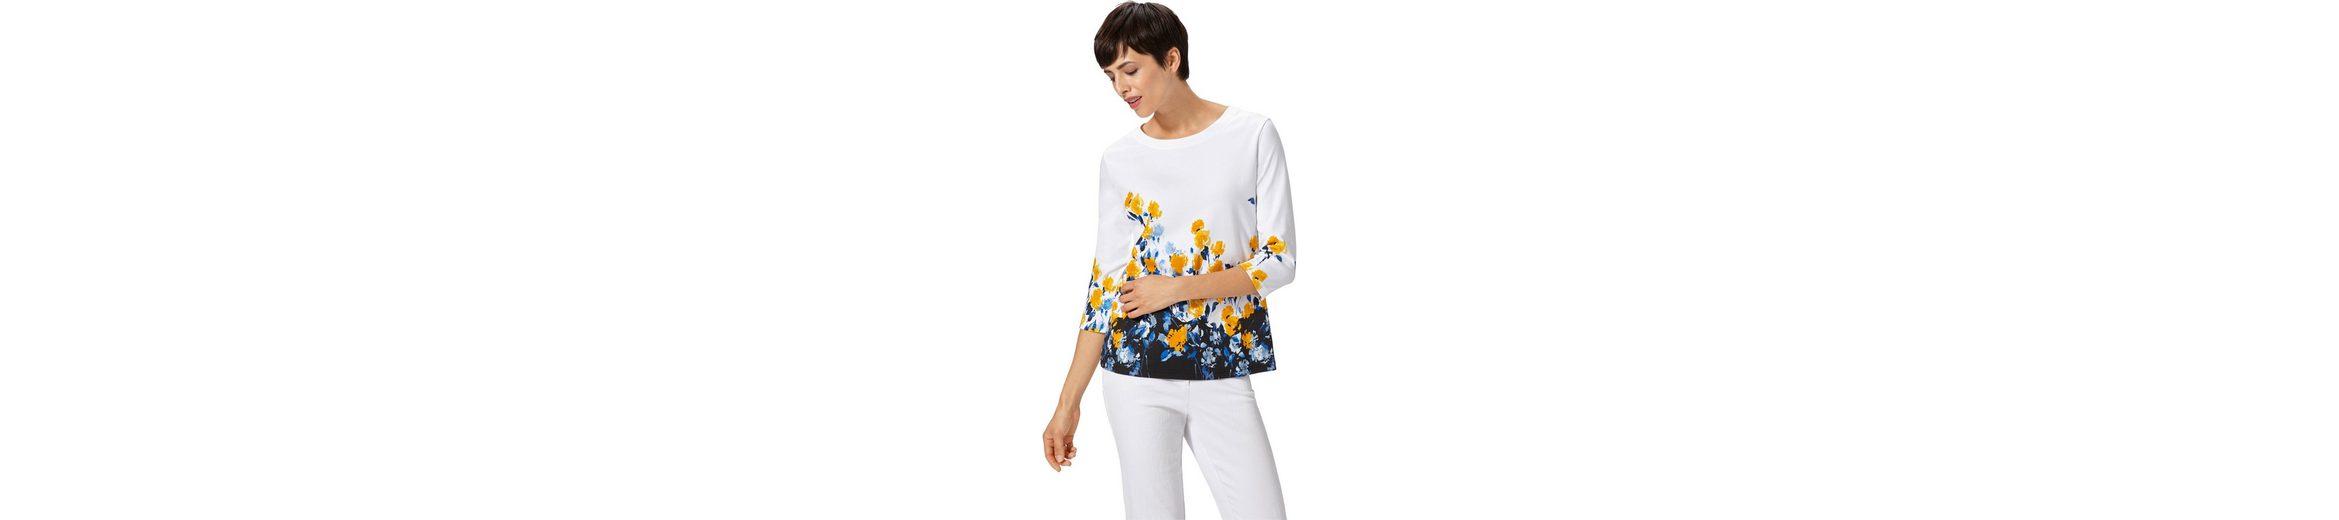 Shirt im floralen Dessin Spielraum Manchester Fq4ZV